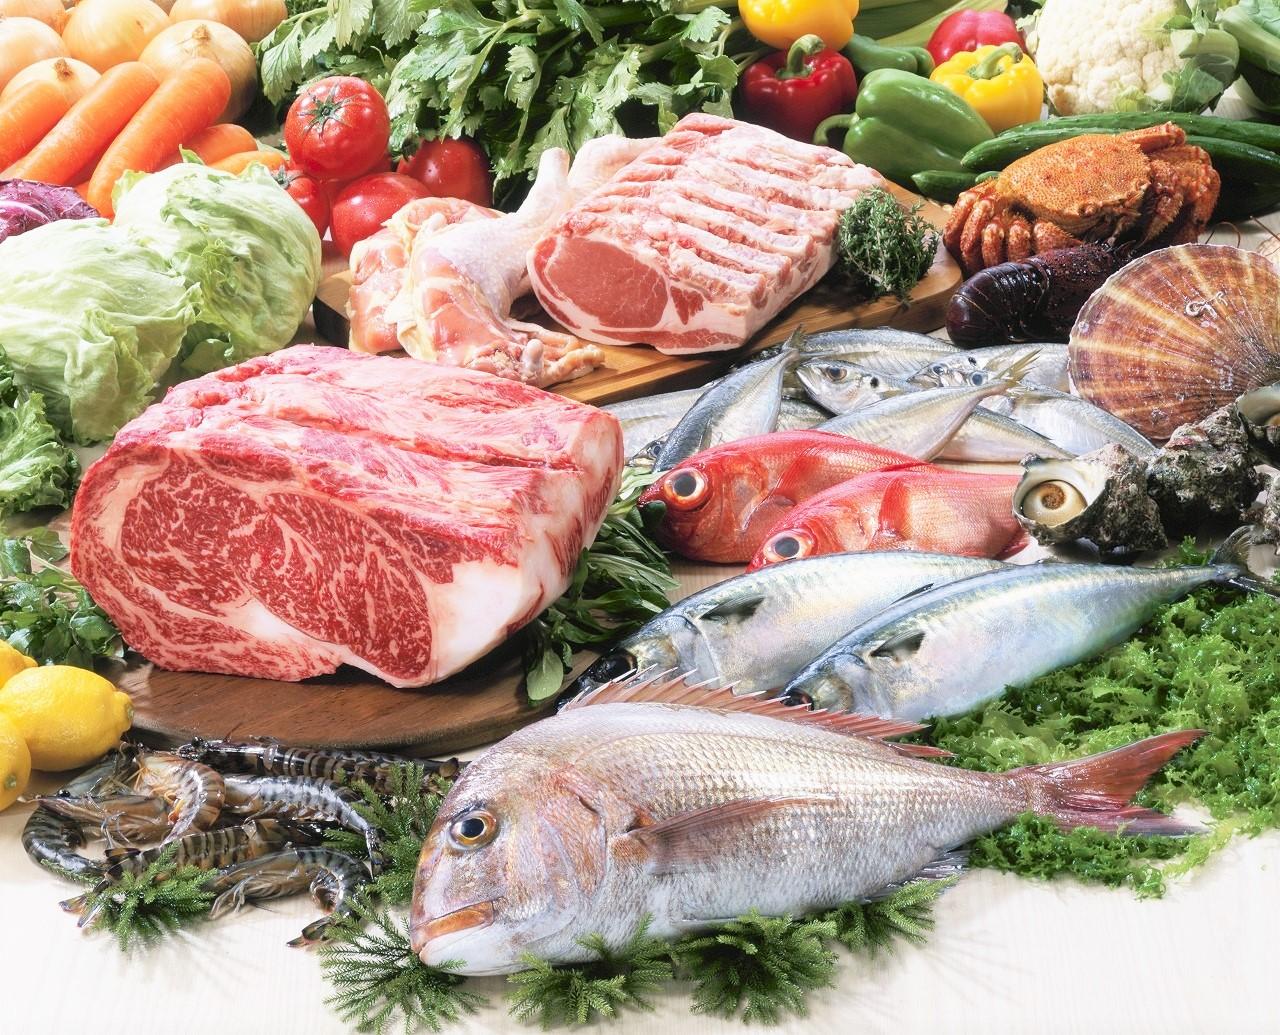 肉、野菜、魚の集合写真